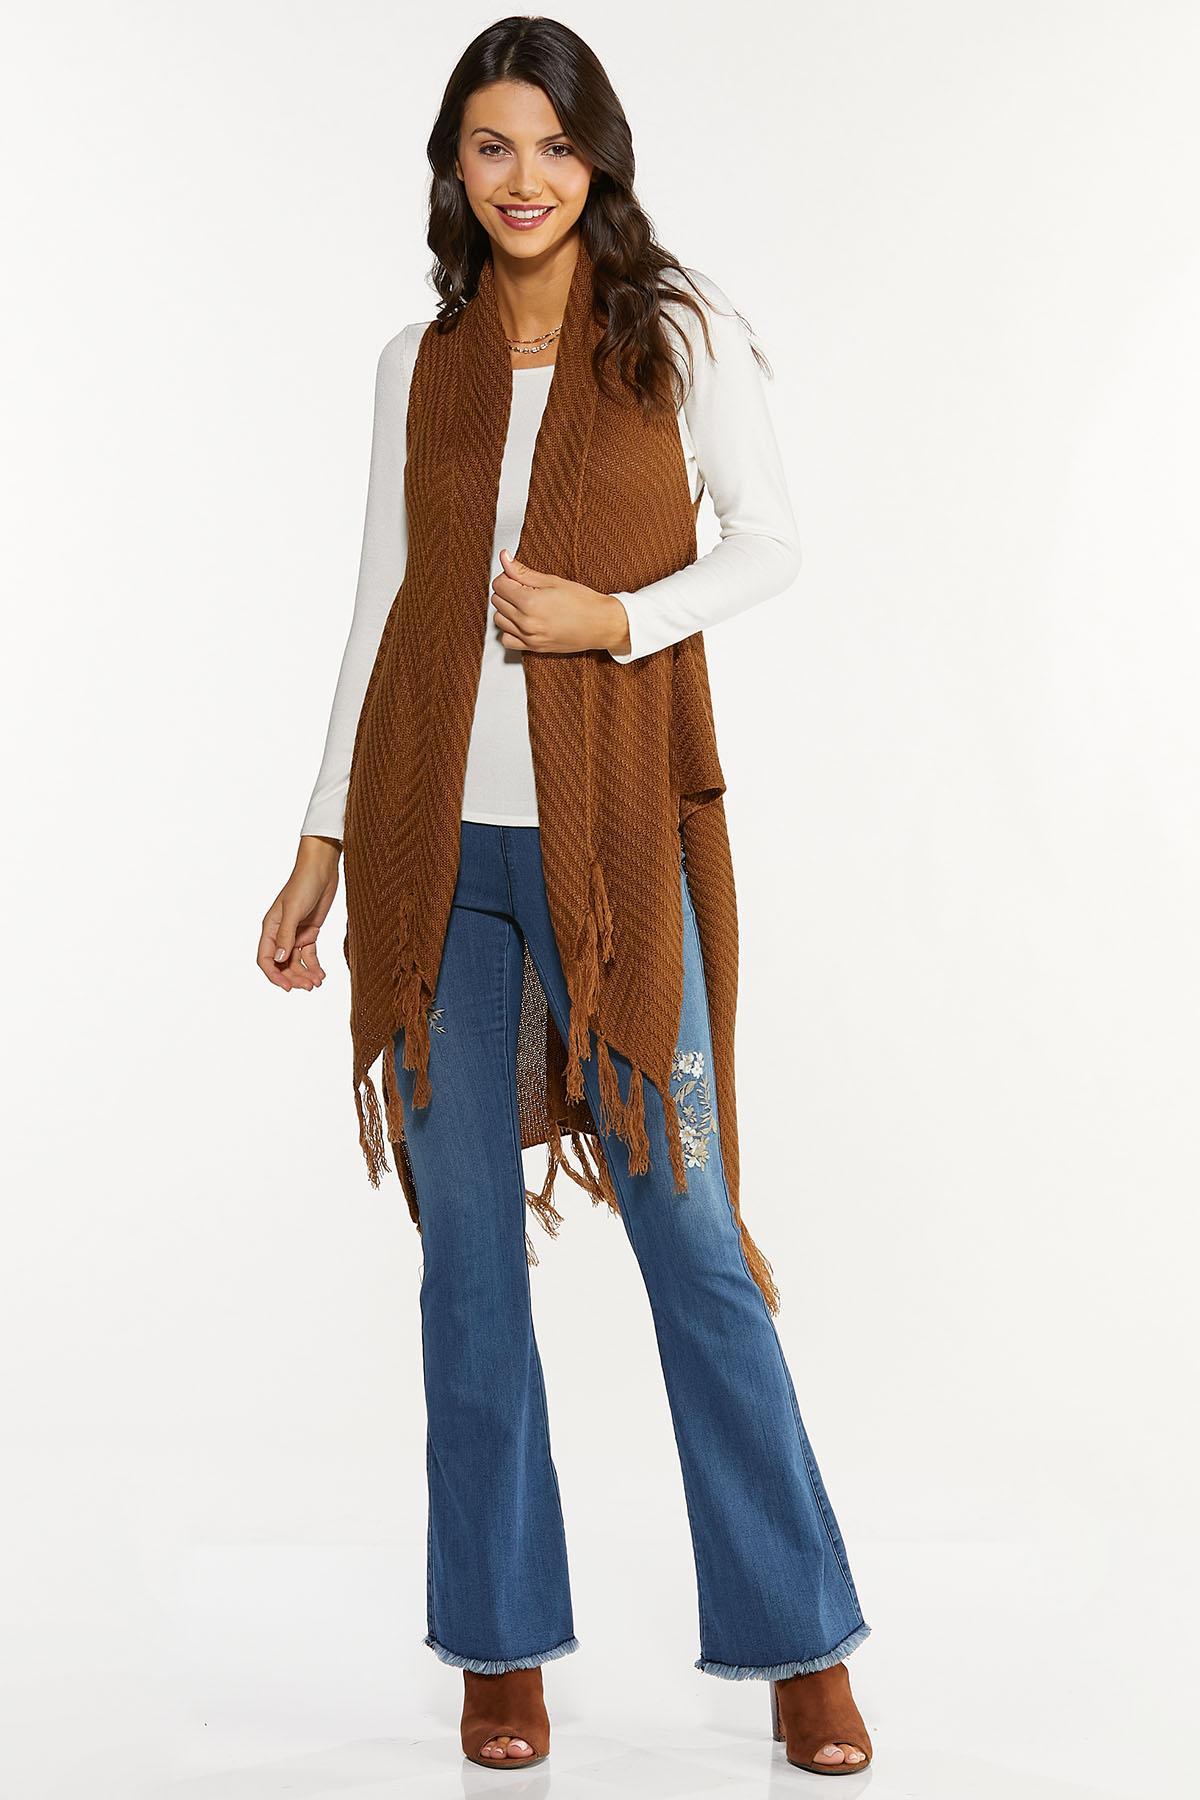 Fringed Sleeveless Cardigan Sweater